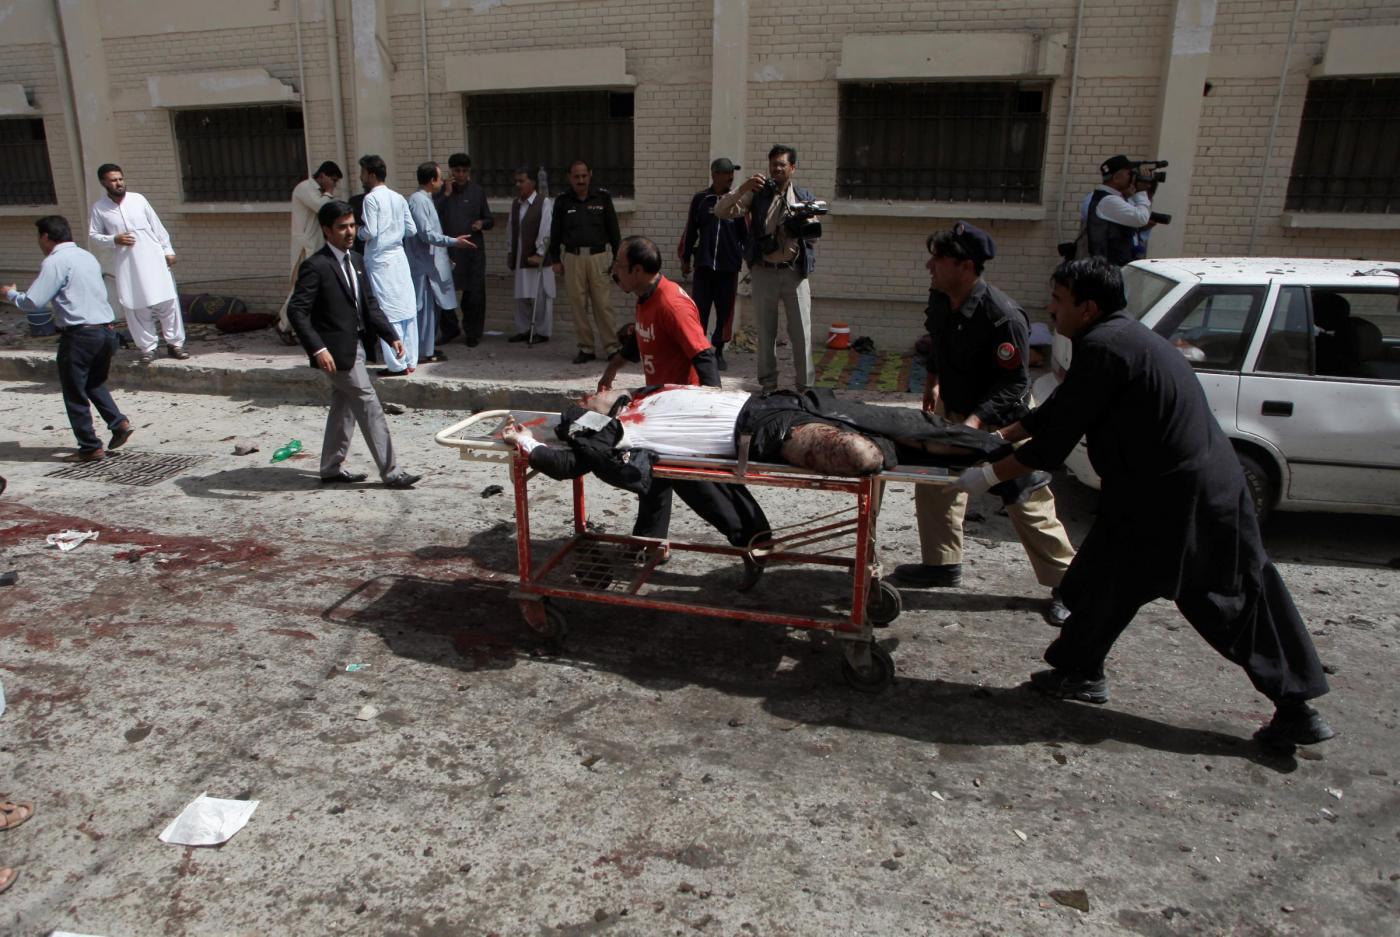 Pakistan, esplode una bomba nei pressi di un ospedale a Quetta